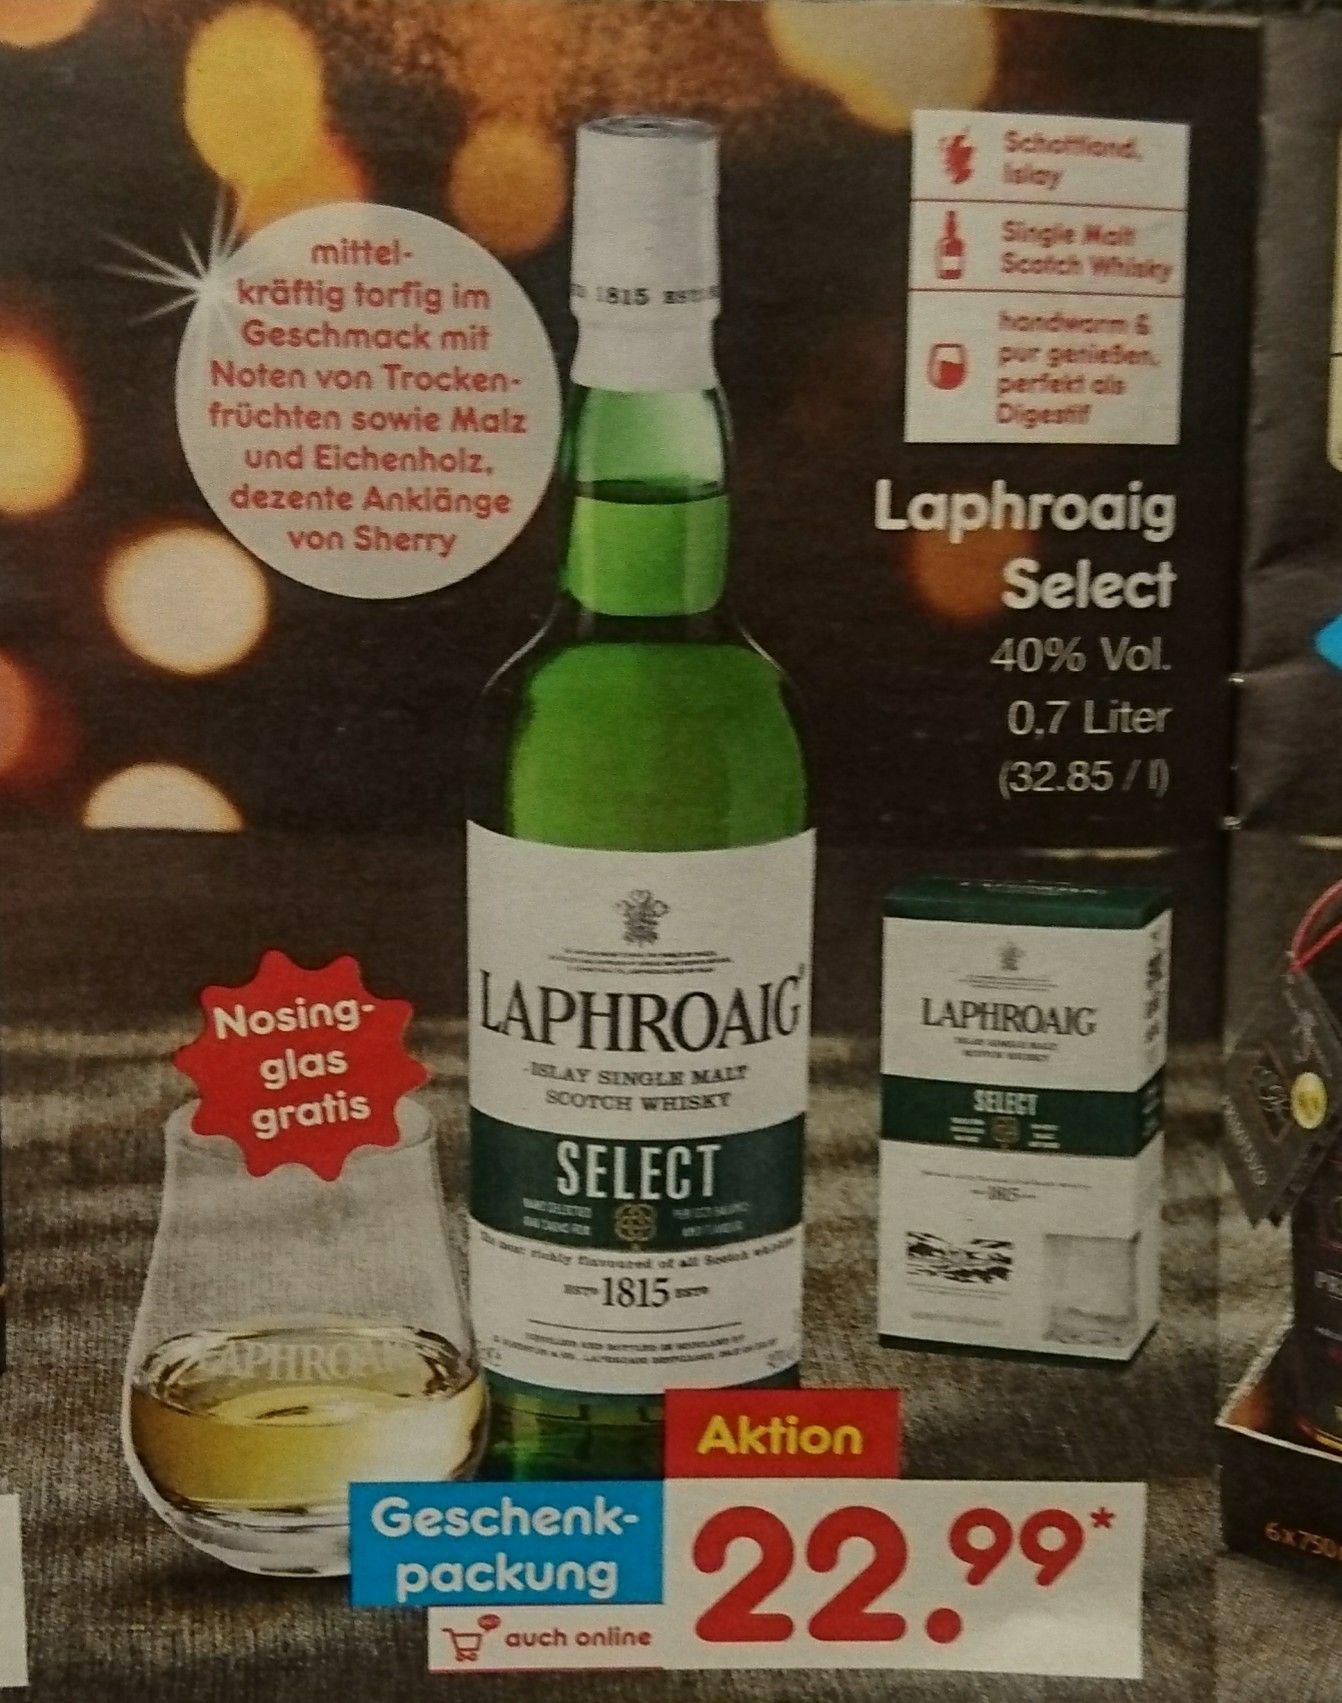 Und noch einer: Laphroaig Select Islay Single Malt Scotch Whisky Geschenkverpackung incl. Nosingglas ab 04.12.